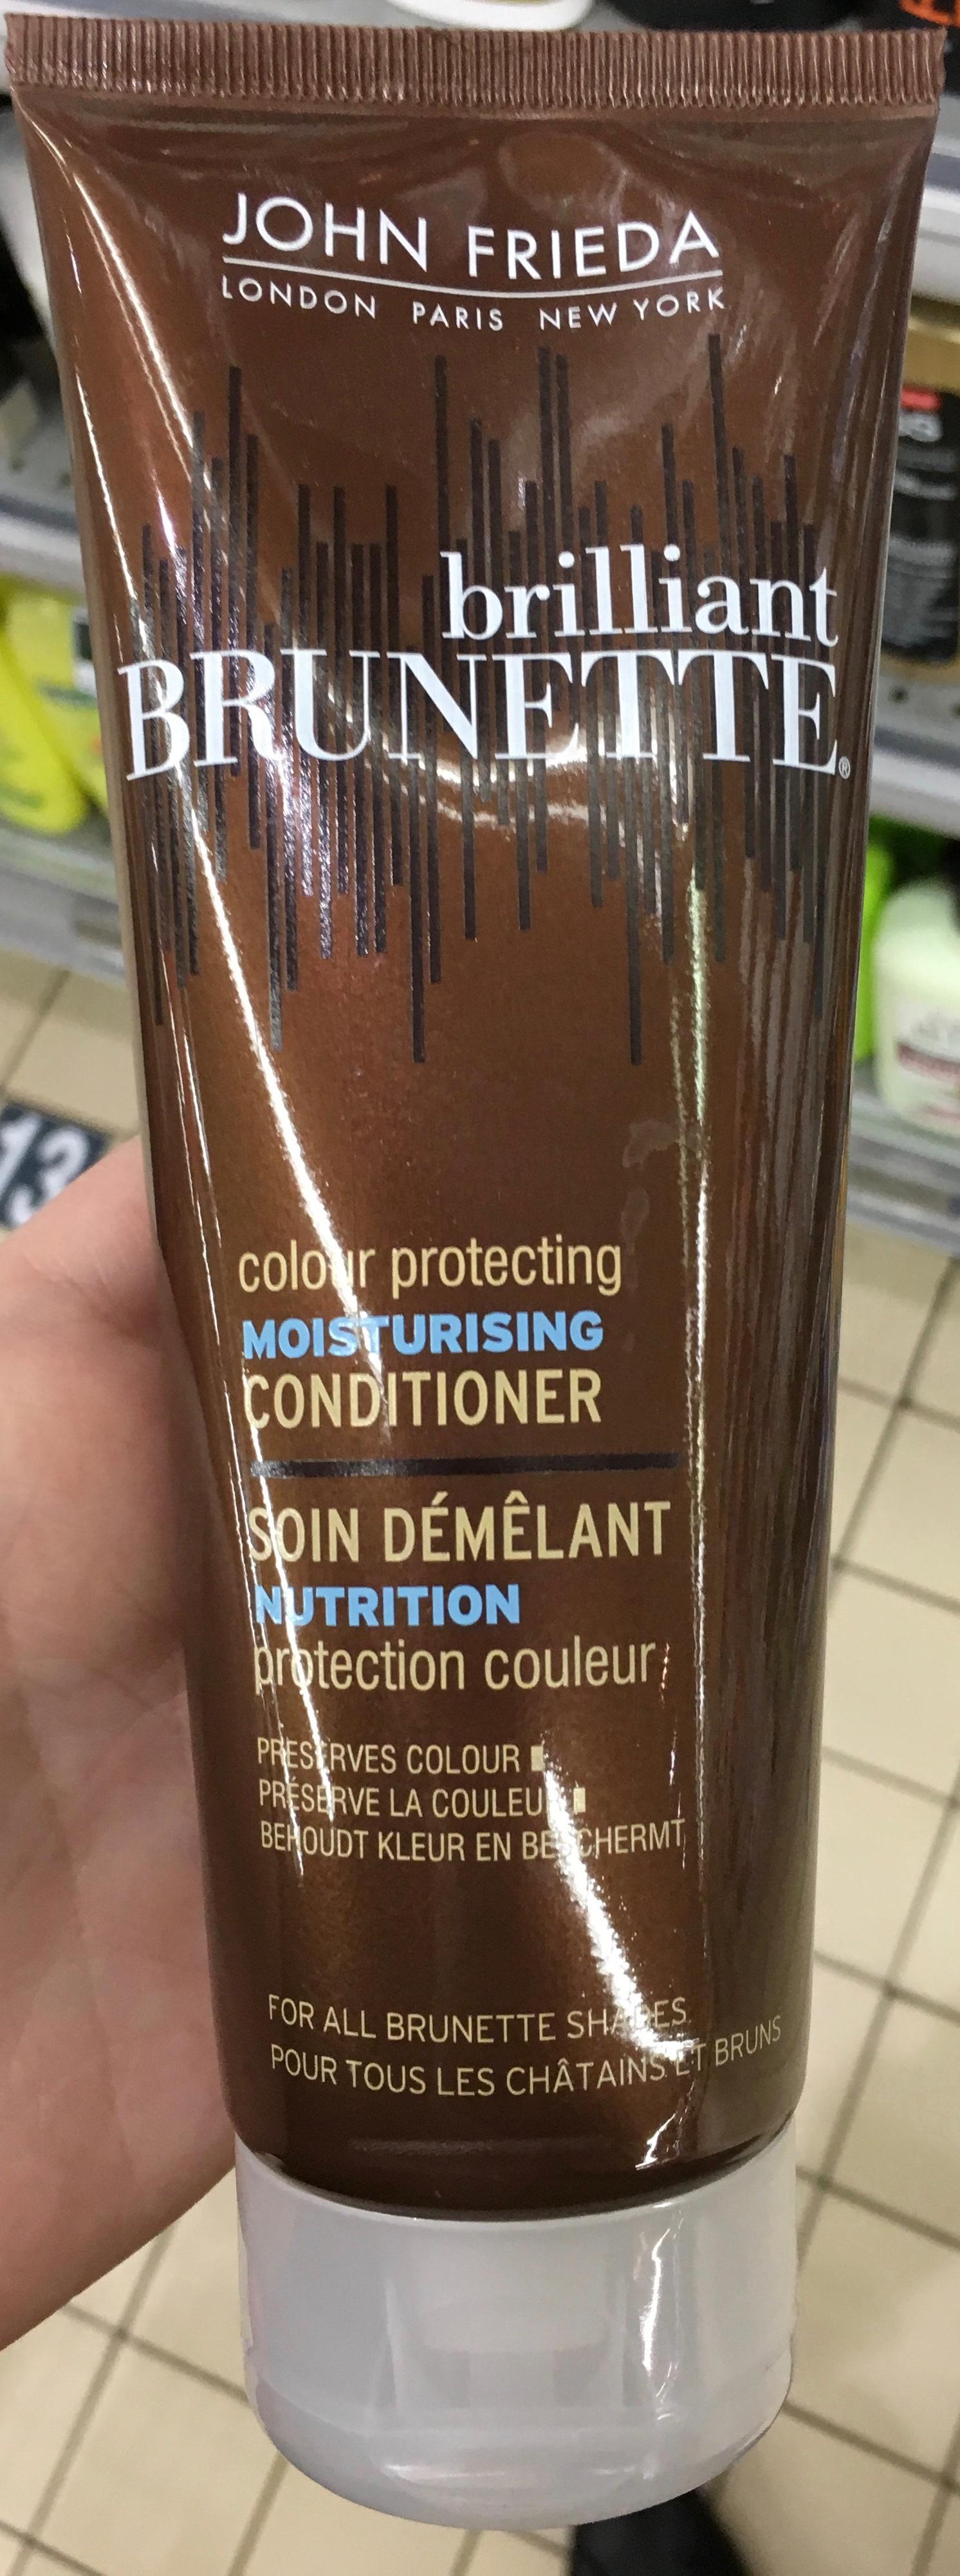 Brilliant Brunette Soin démêlant nutrition protection couleur - Product - fr